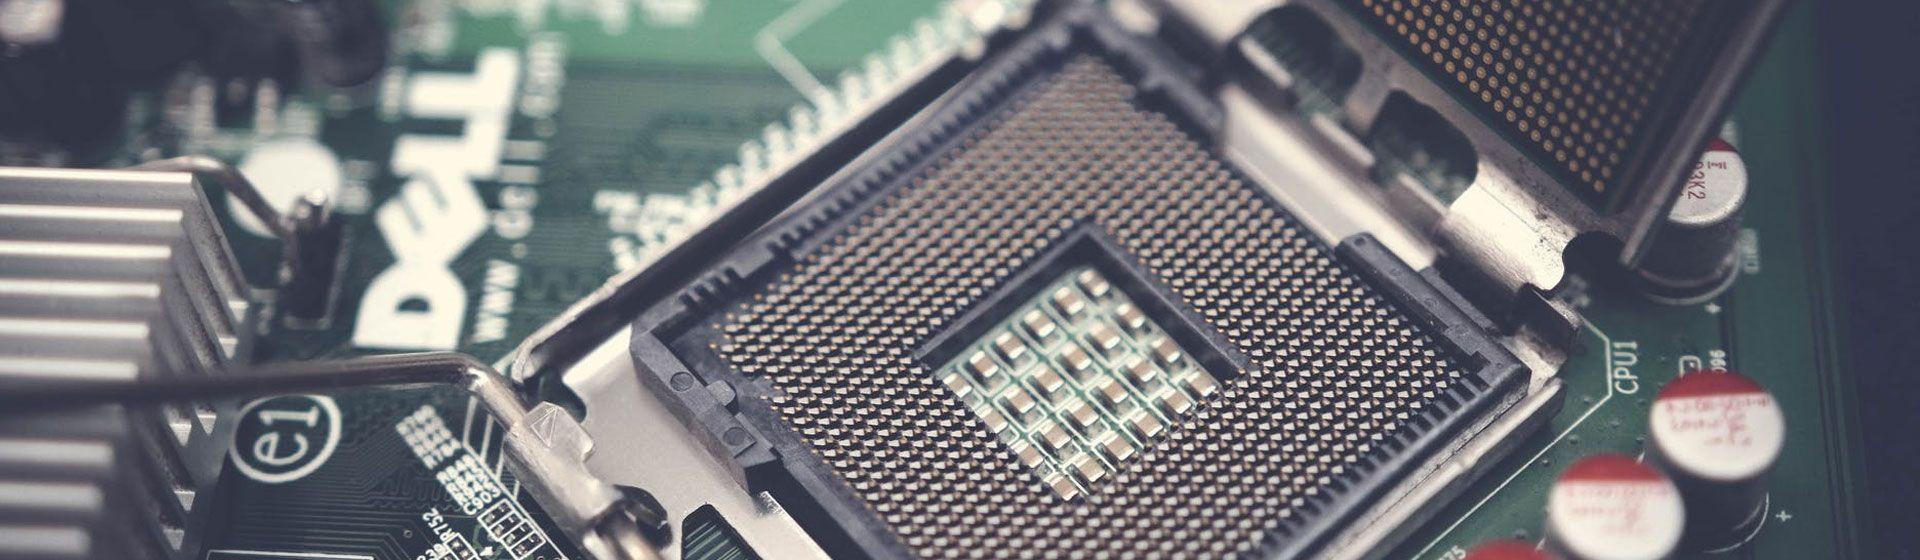 Como ver as configurações do PC? Aprenda no passo a passo!